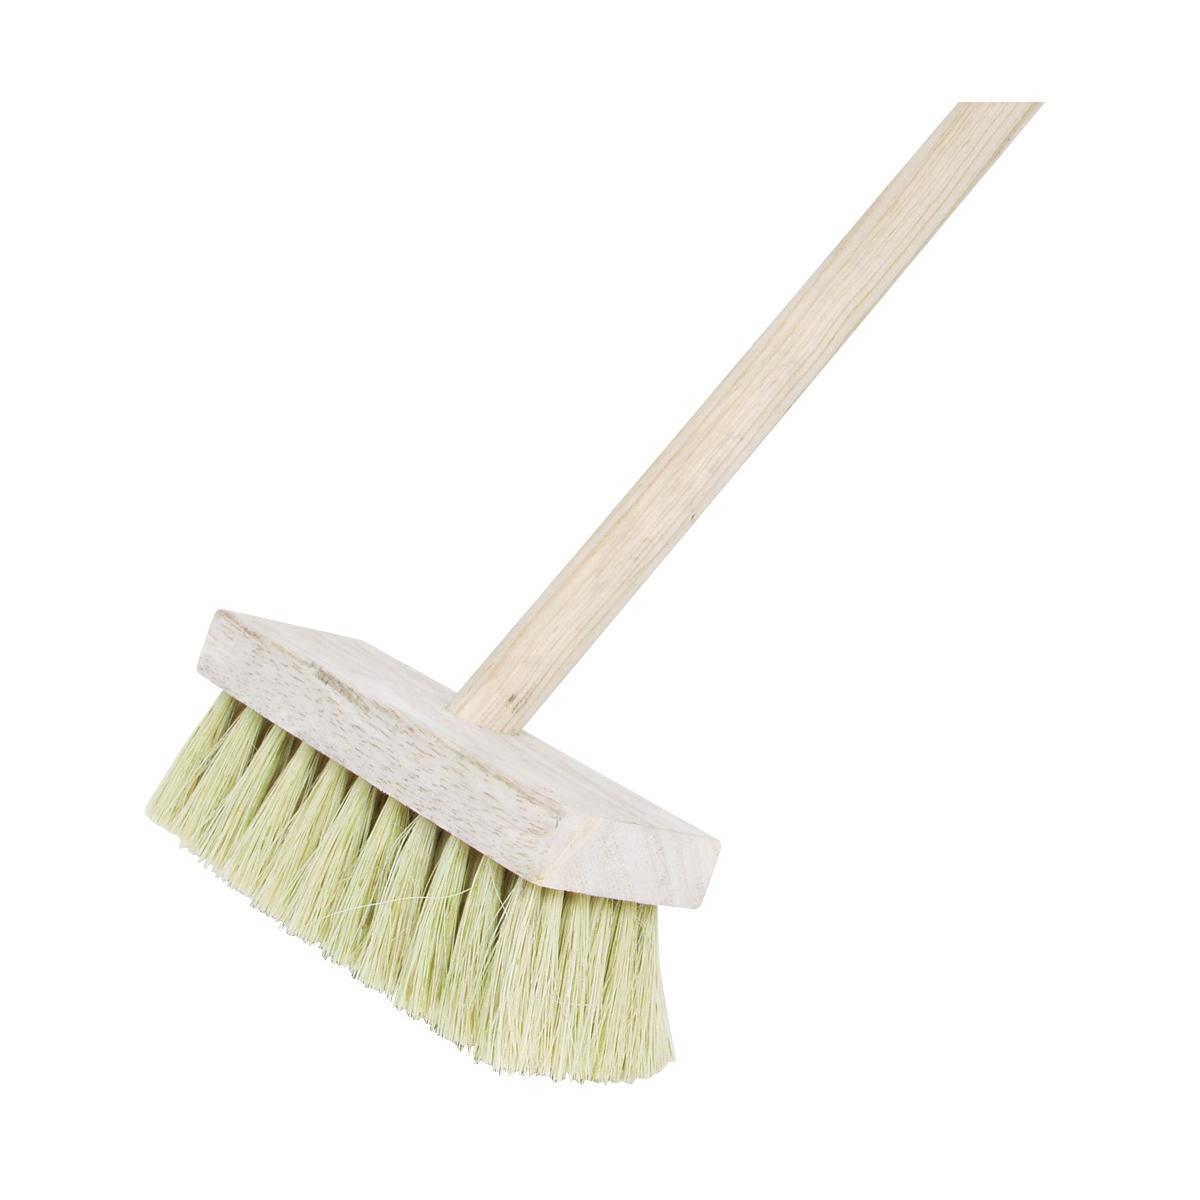 Picture of DQB 11946 Roof Brush, 2 in L Trim, White Bristle